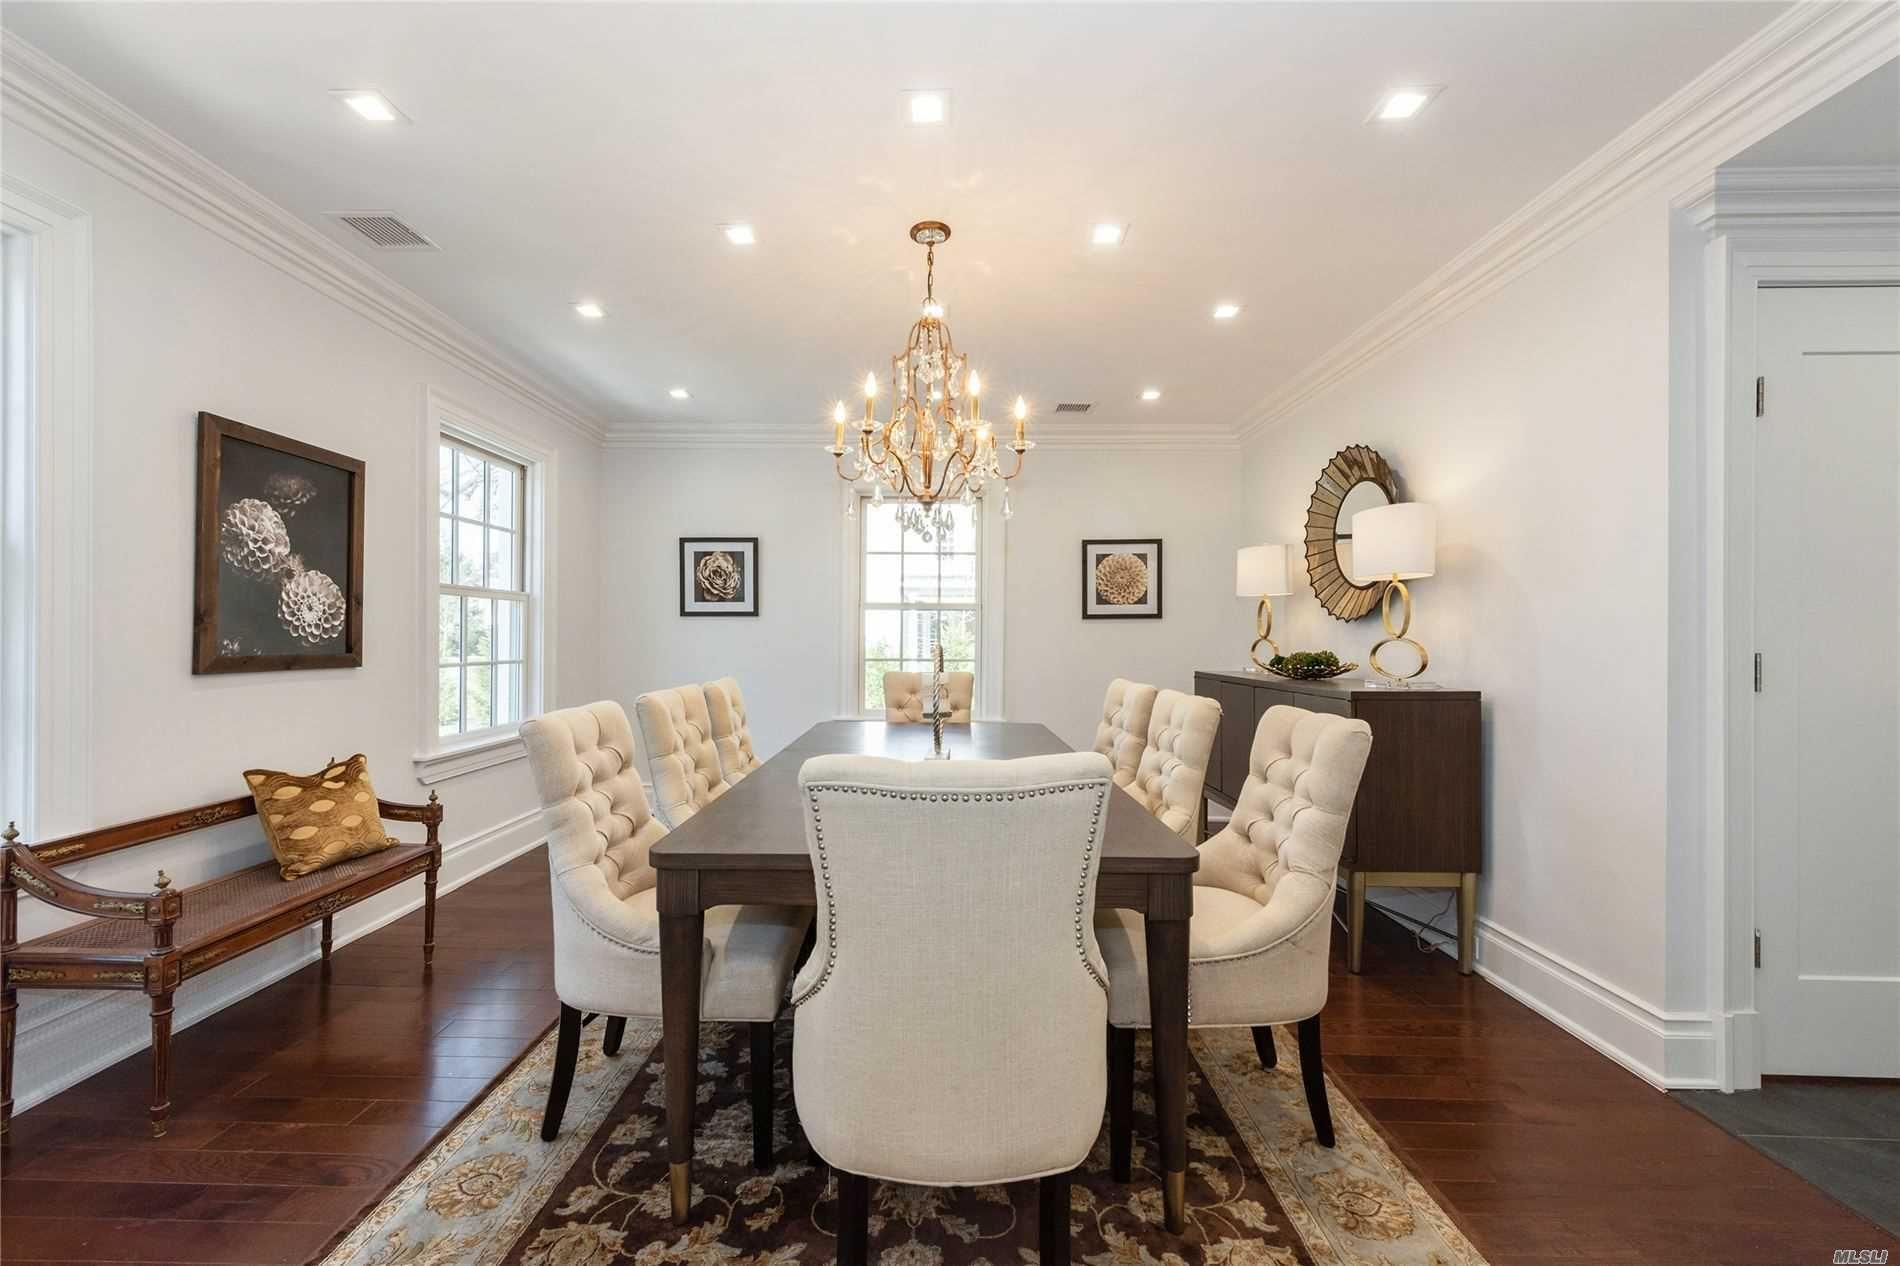 25a Hilton Ave, Garden City, NY, 11530 Property Listing